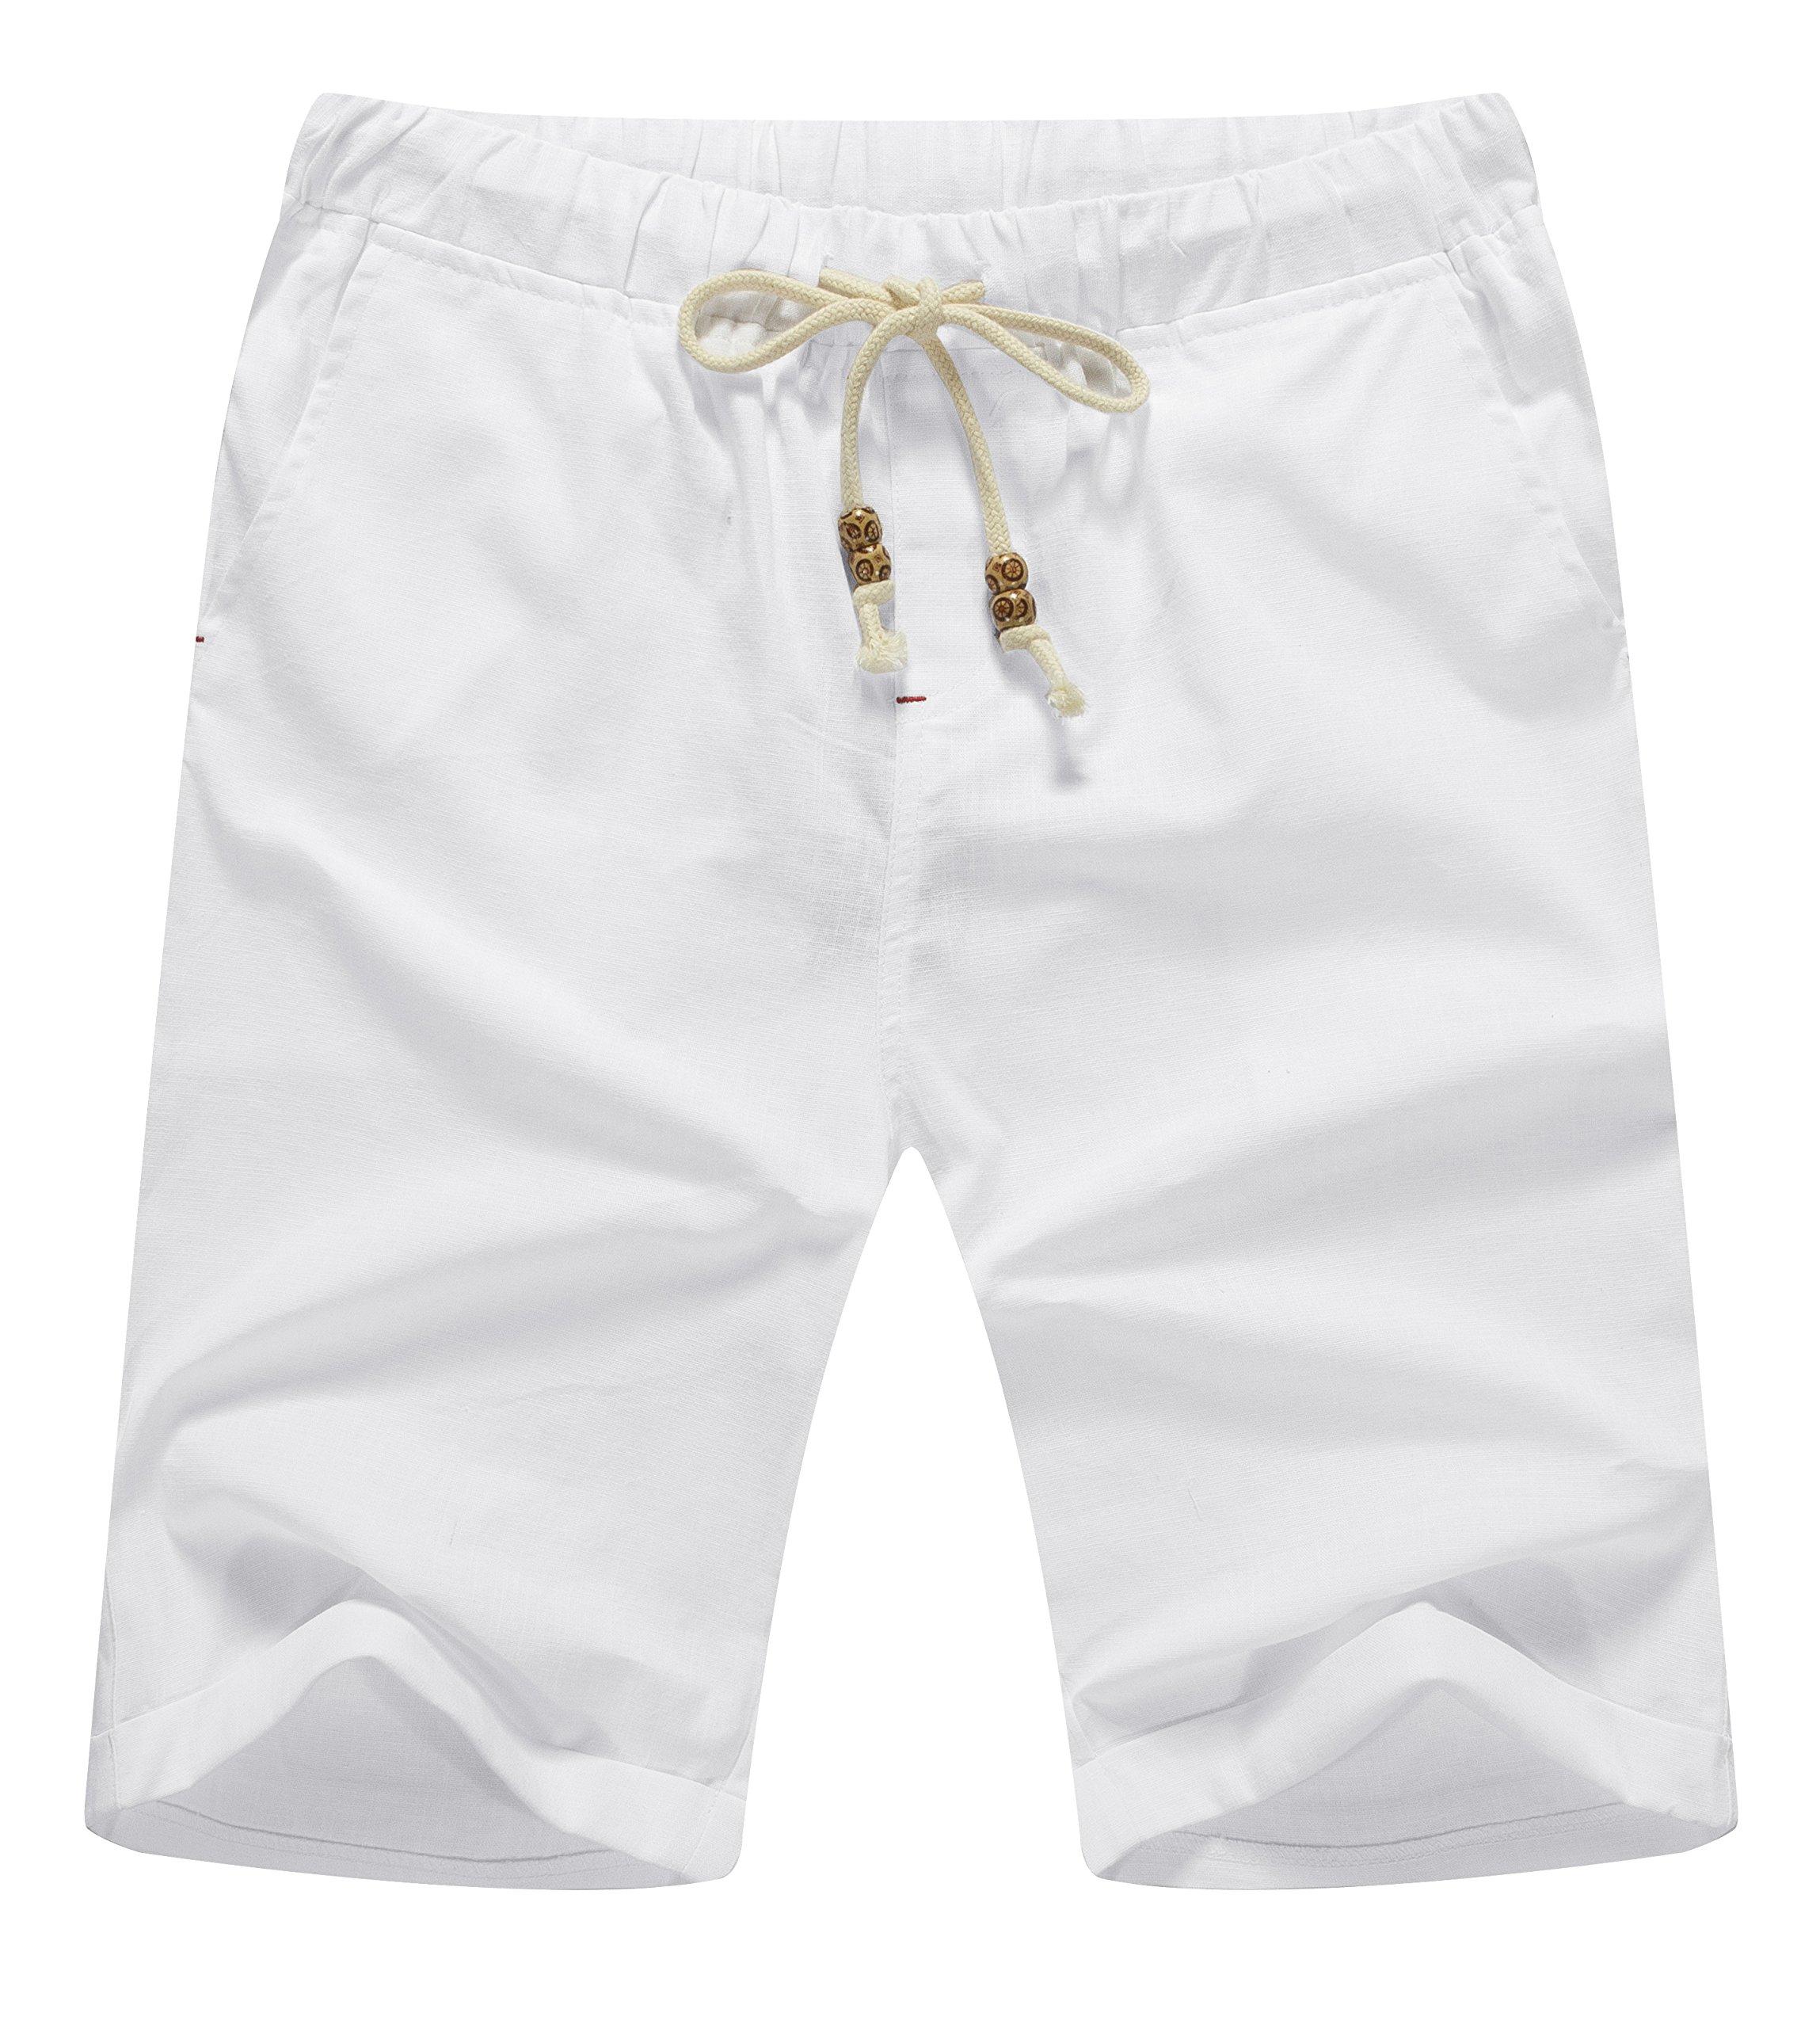 NITAGUT Men's Linen Casual Classic Fit Short White L